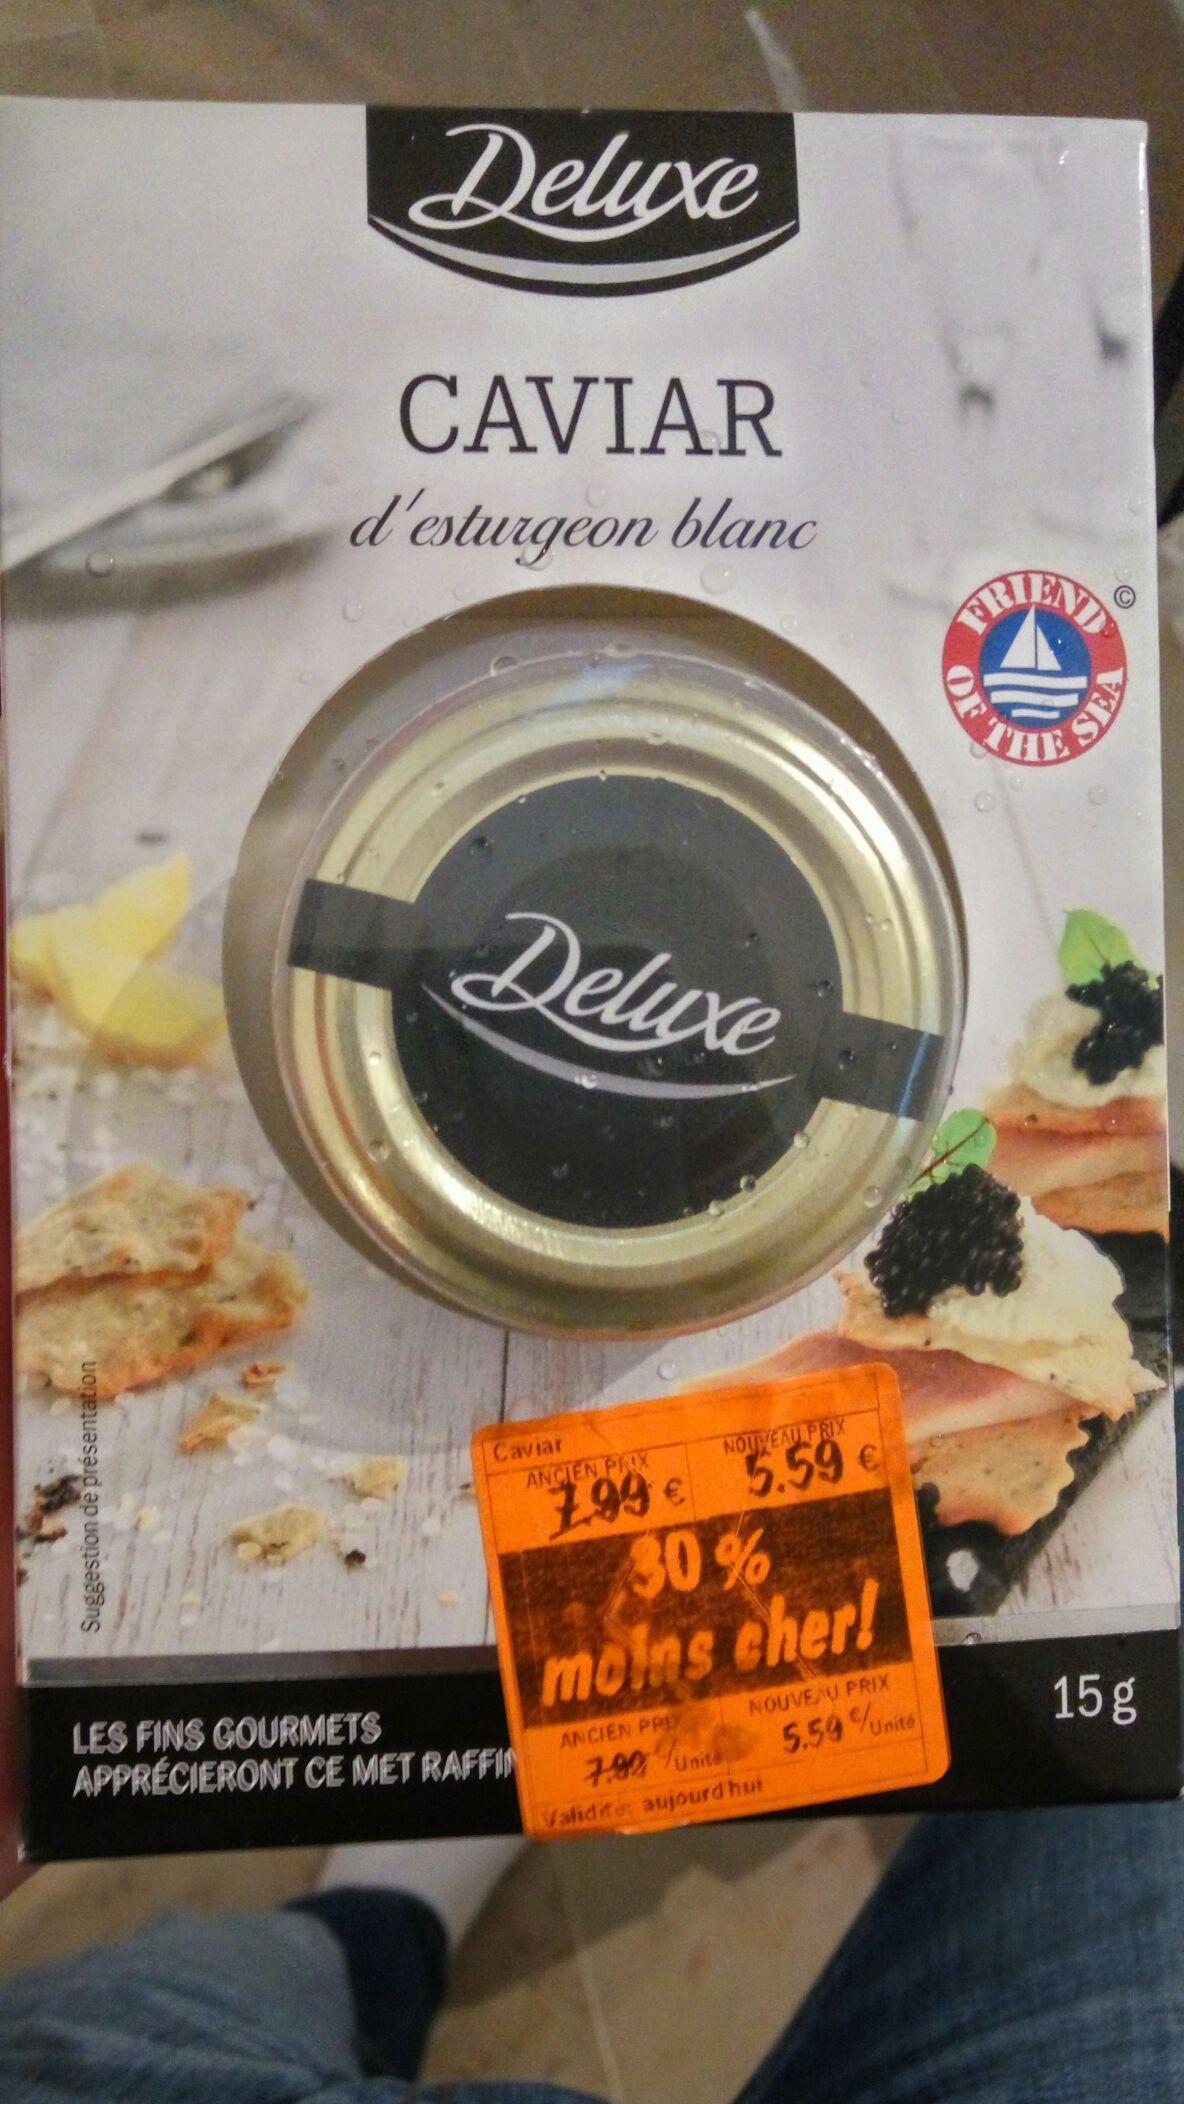 15g de caviar d'esturgeon